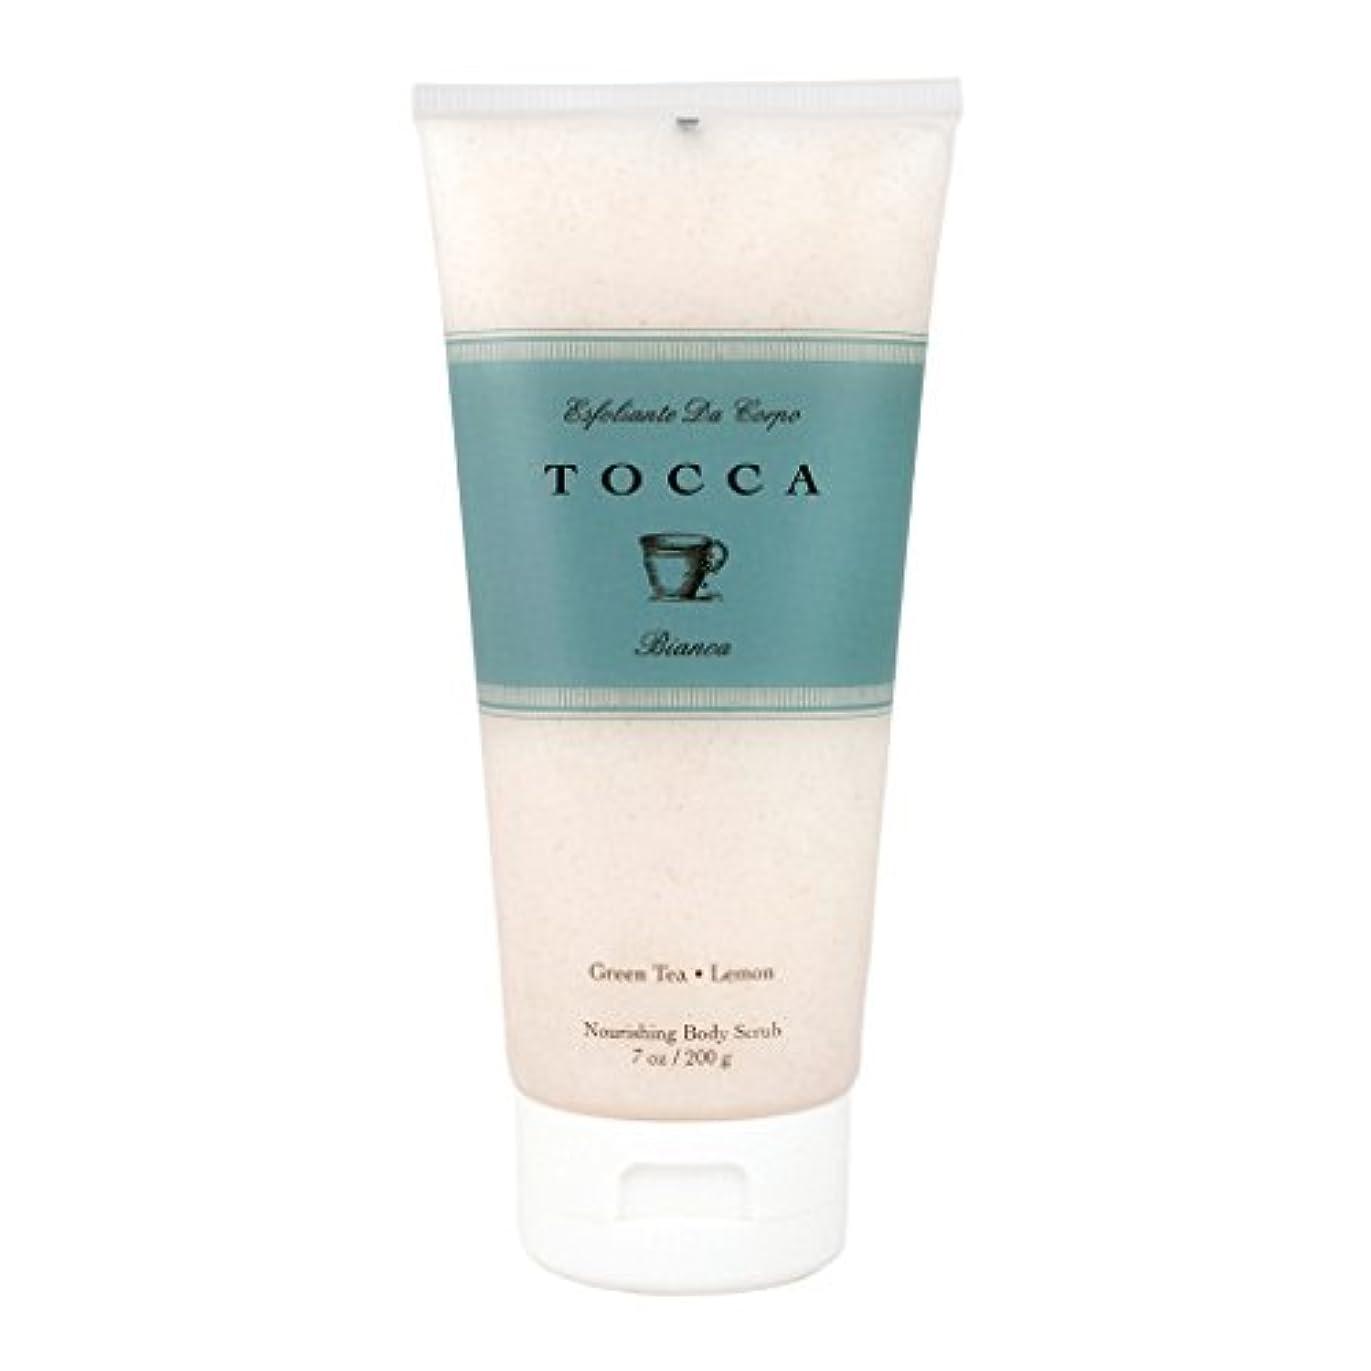 マングル愛情倉庫トッカ(TOCCA) ボディーケアスクラブ  ビアンカの香り 200ml(全身?ボディー用マッサージ料 シトラスとグリーンティー、ローズが絶妙に溶け合ったほのかに甘さ漂うフレッシュな香り)